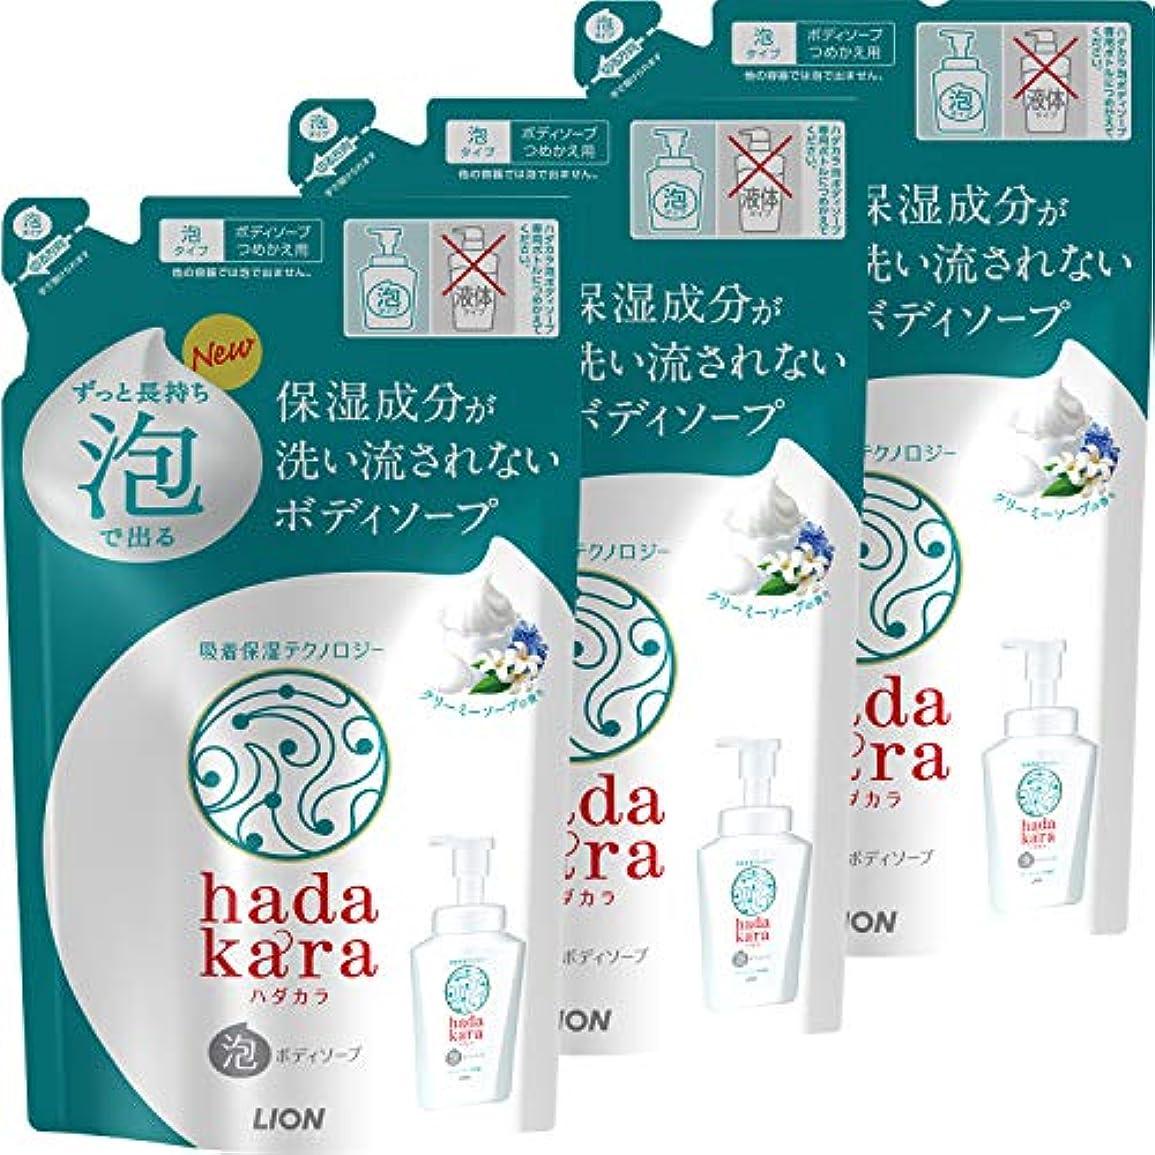 真面目な宿泊受信機hadakara(ハダカラ) ボディソープ 泡タイプ クリーミーソープの香り 詰替440ml×3個